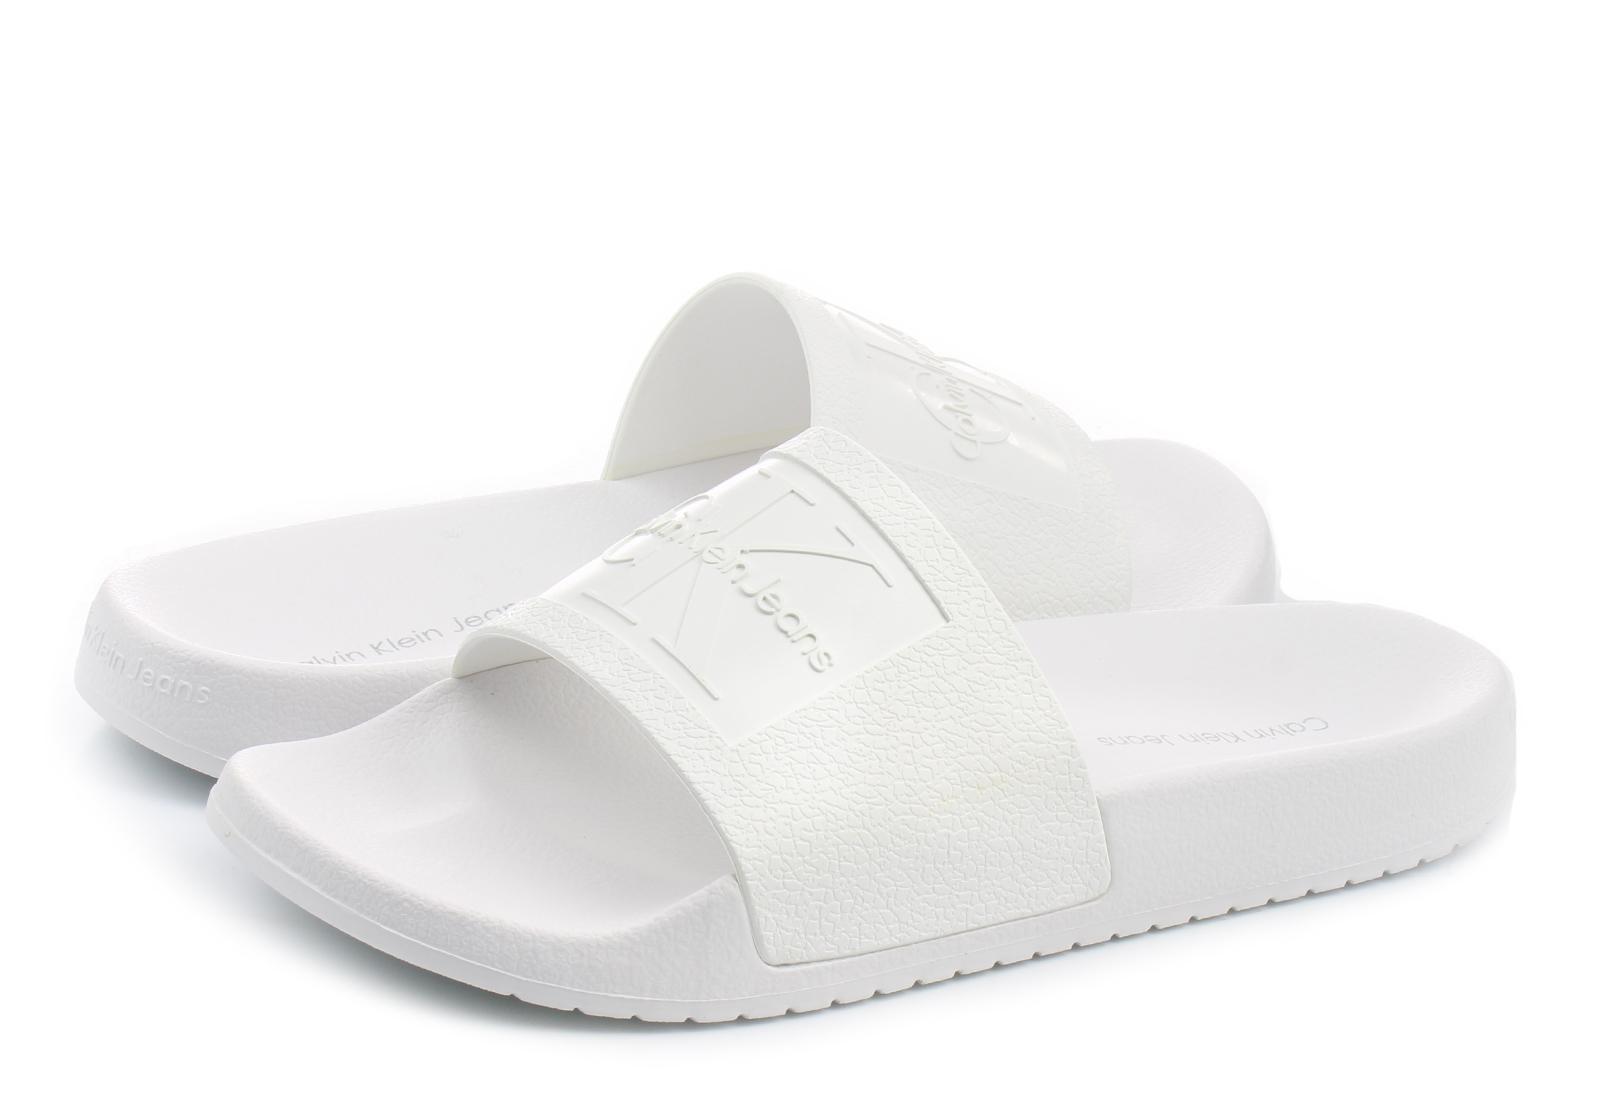 de184dee8 Calvin Klein Jeans Slippers - Christie - R8837-WHT - Online shop for ...